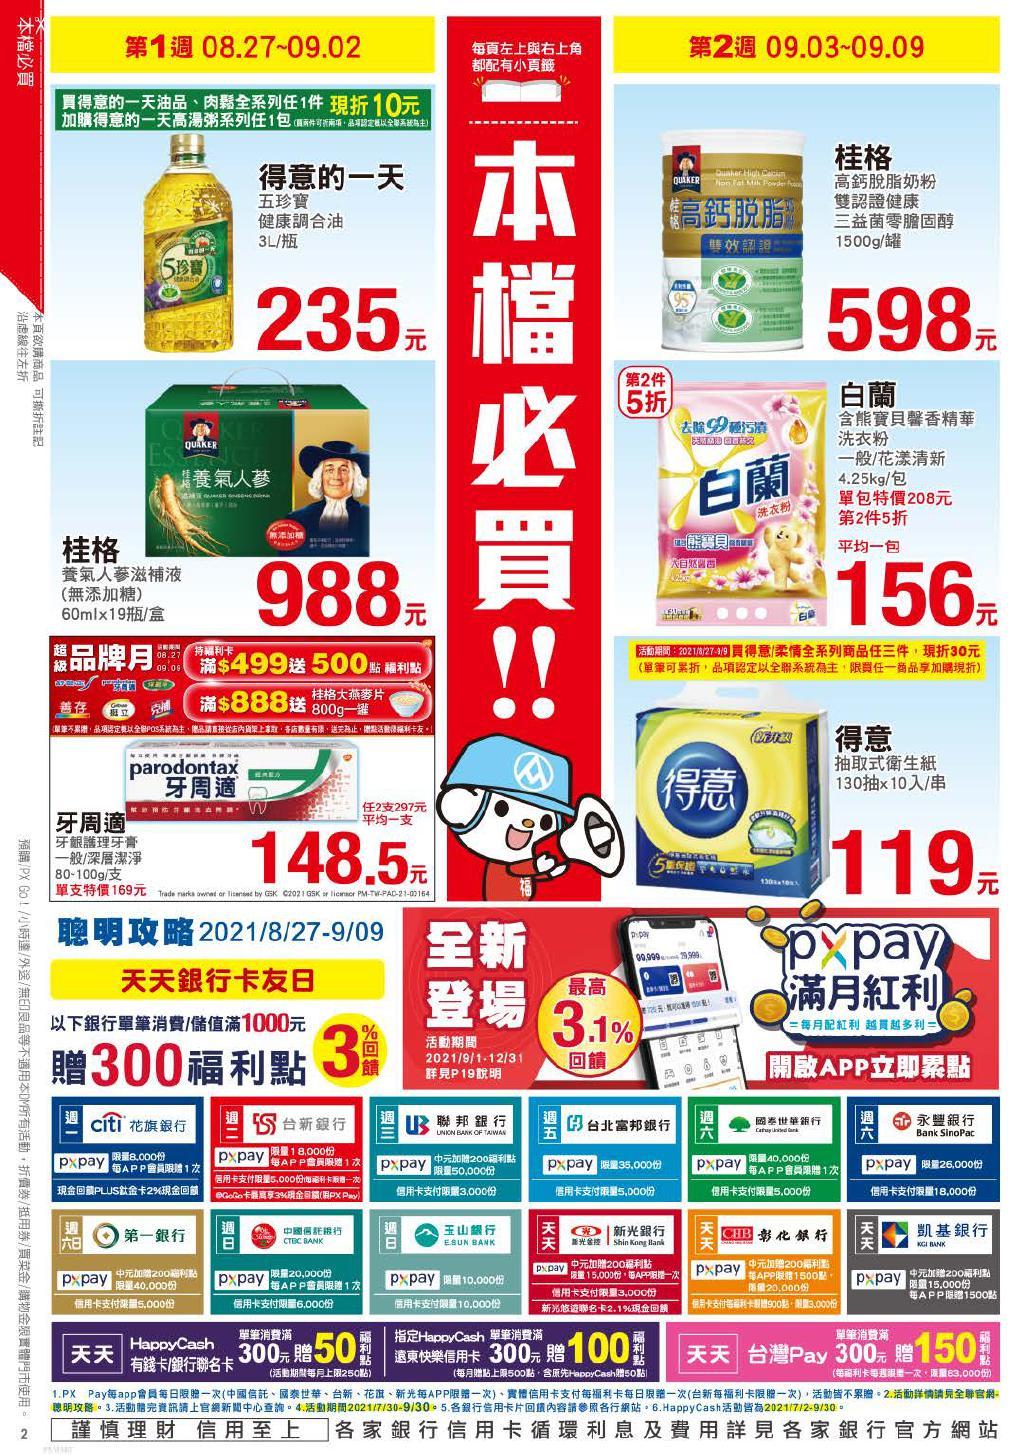 pxmart20210909_000002.jpg